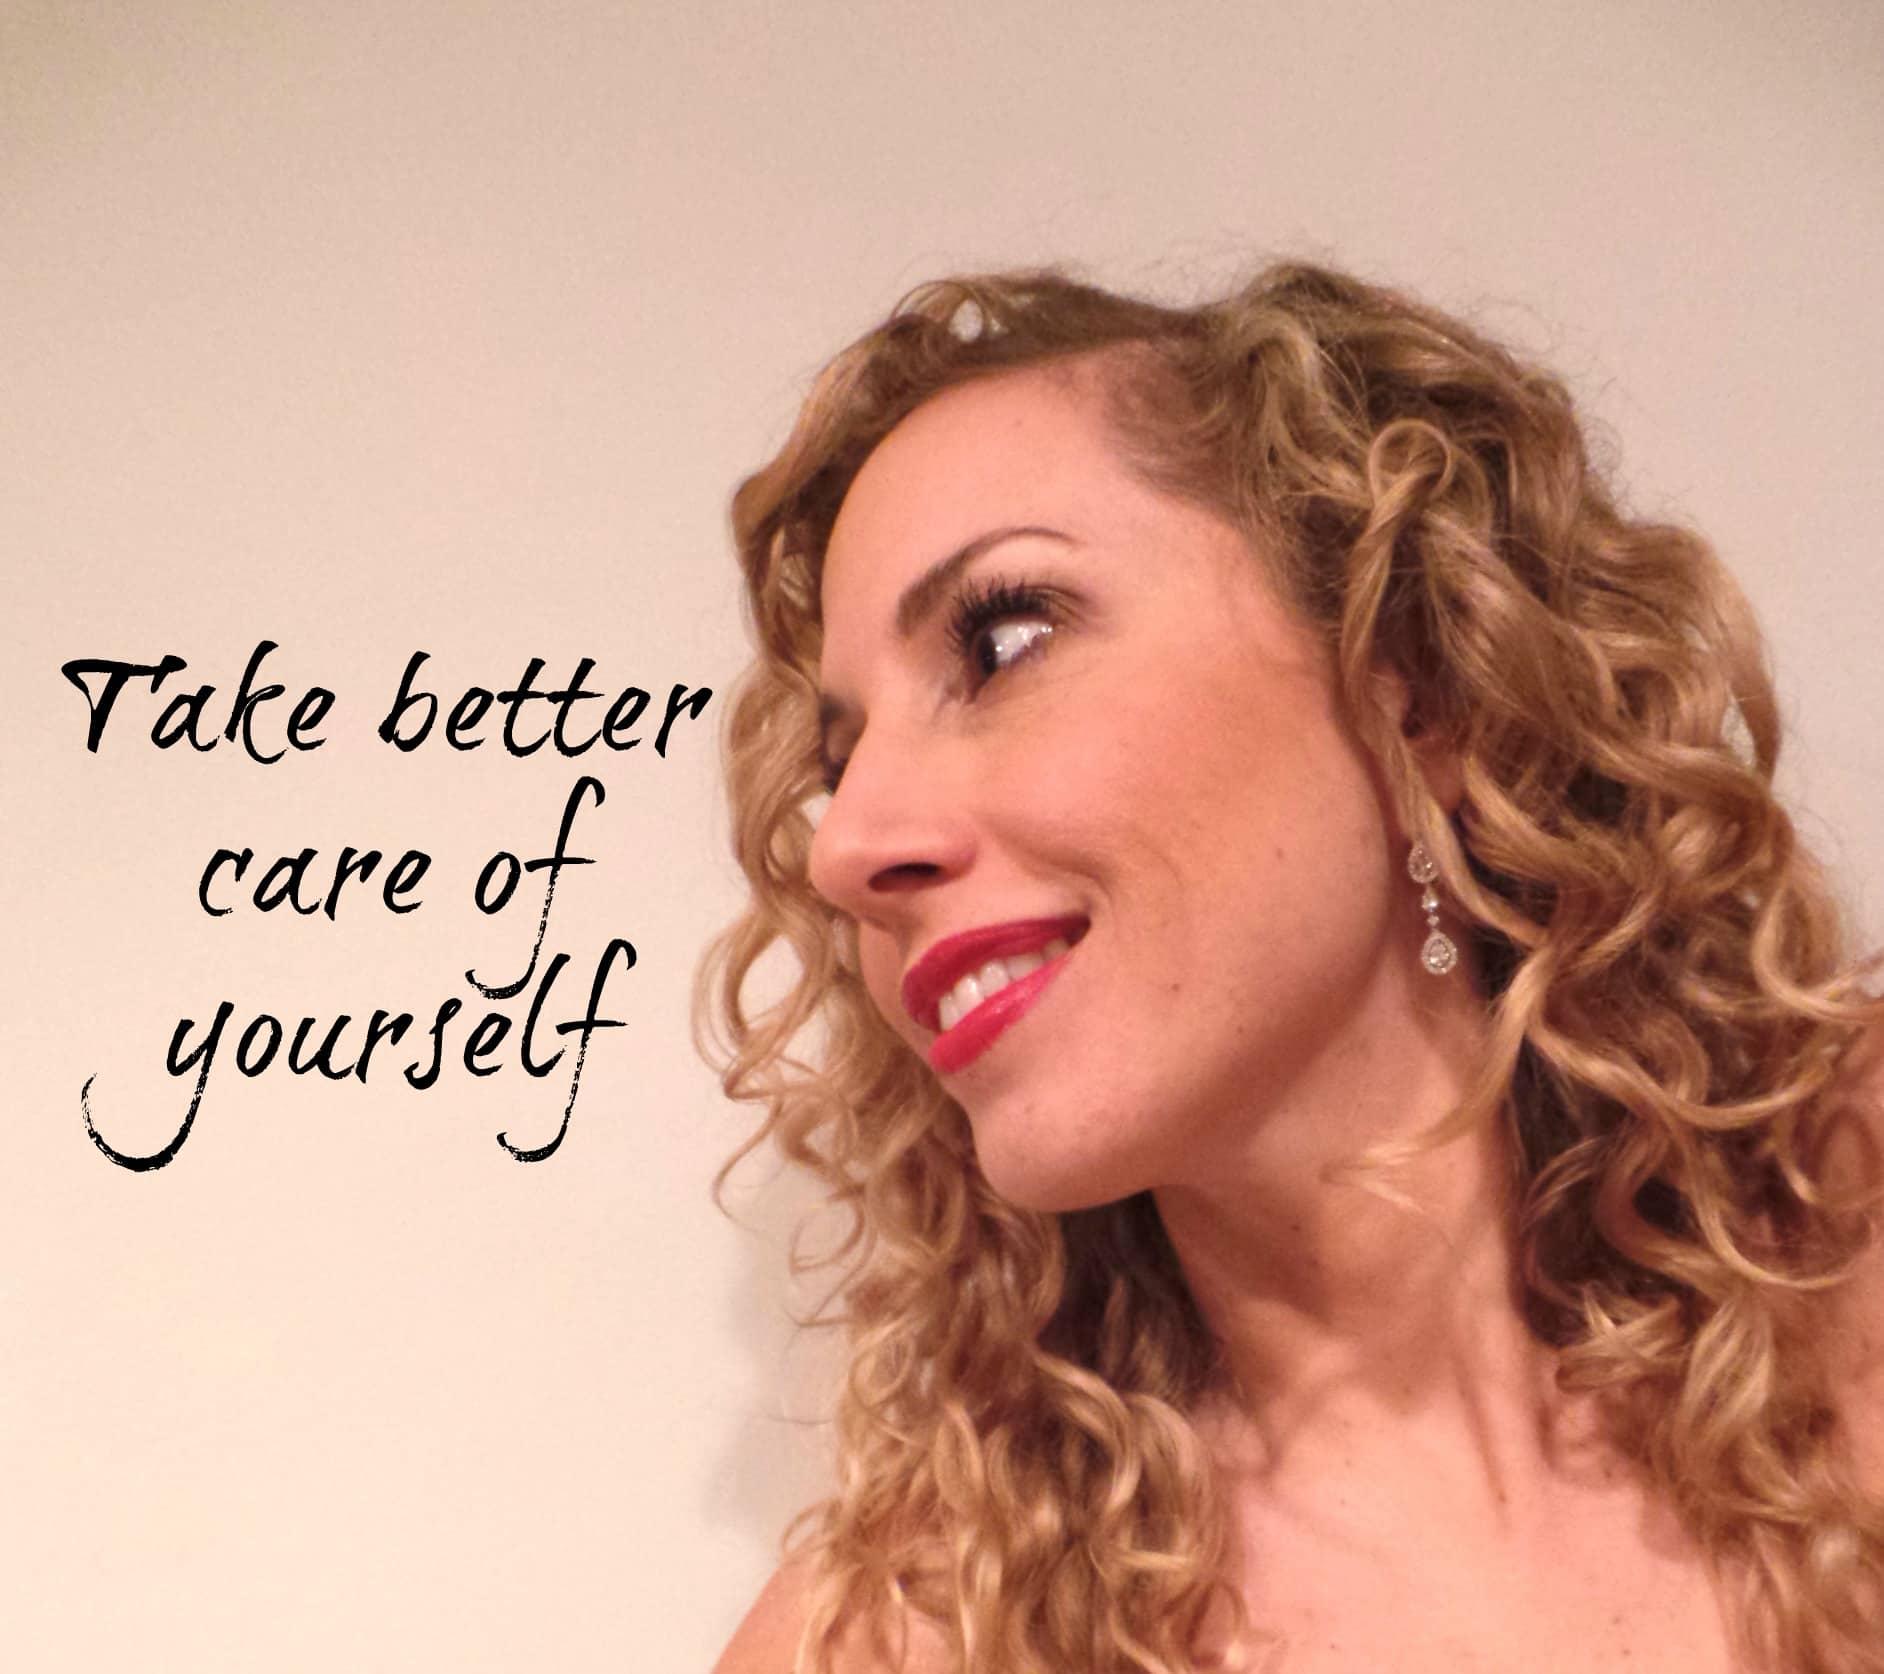 7 Steps to a Better Smile 7 Steps to a Better Smile new pics